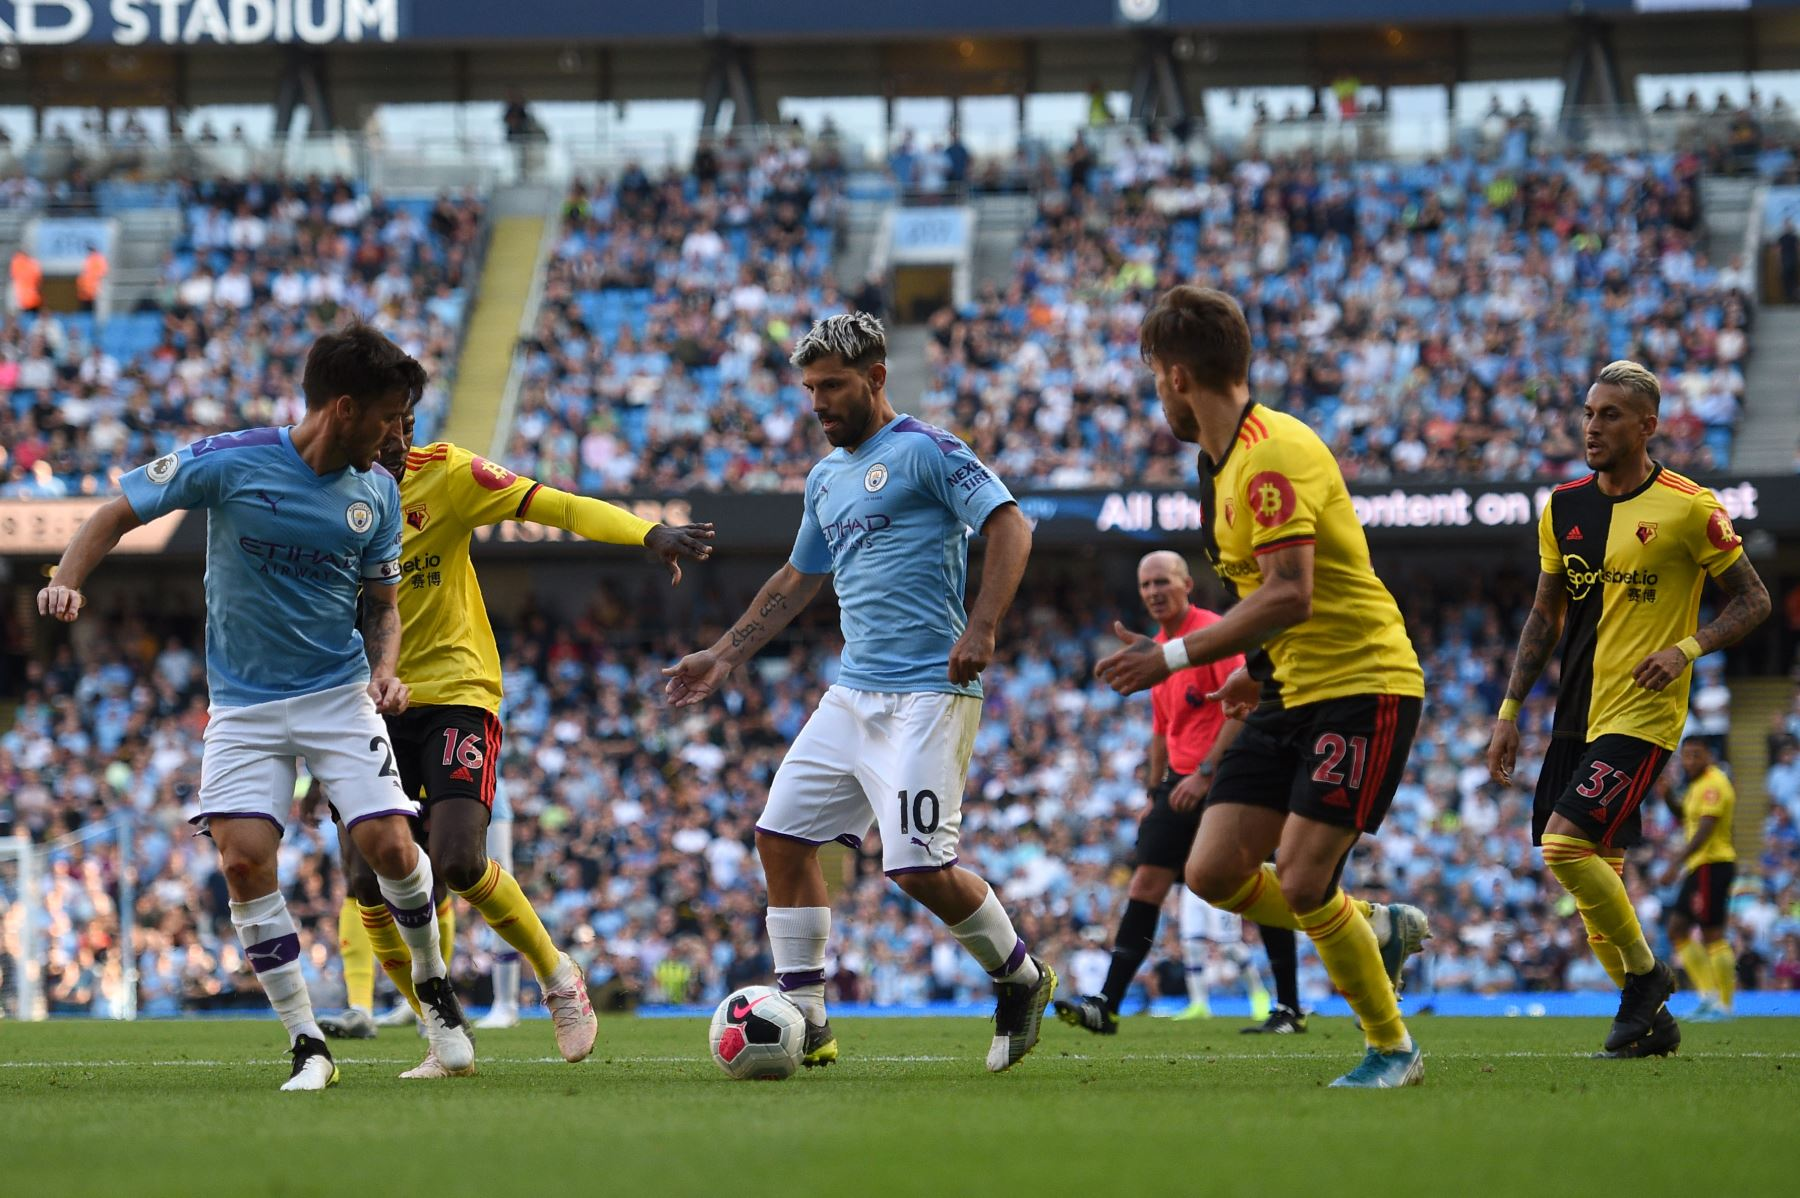 El delantero argentino del Manchester City Sergio Agüero (C) controla el balón durante el partido de fútbol de la Premier League inglesa entre Manchester City y Watford. Foto:AFP